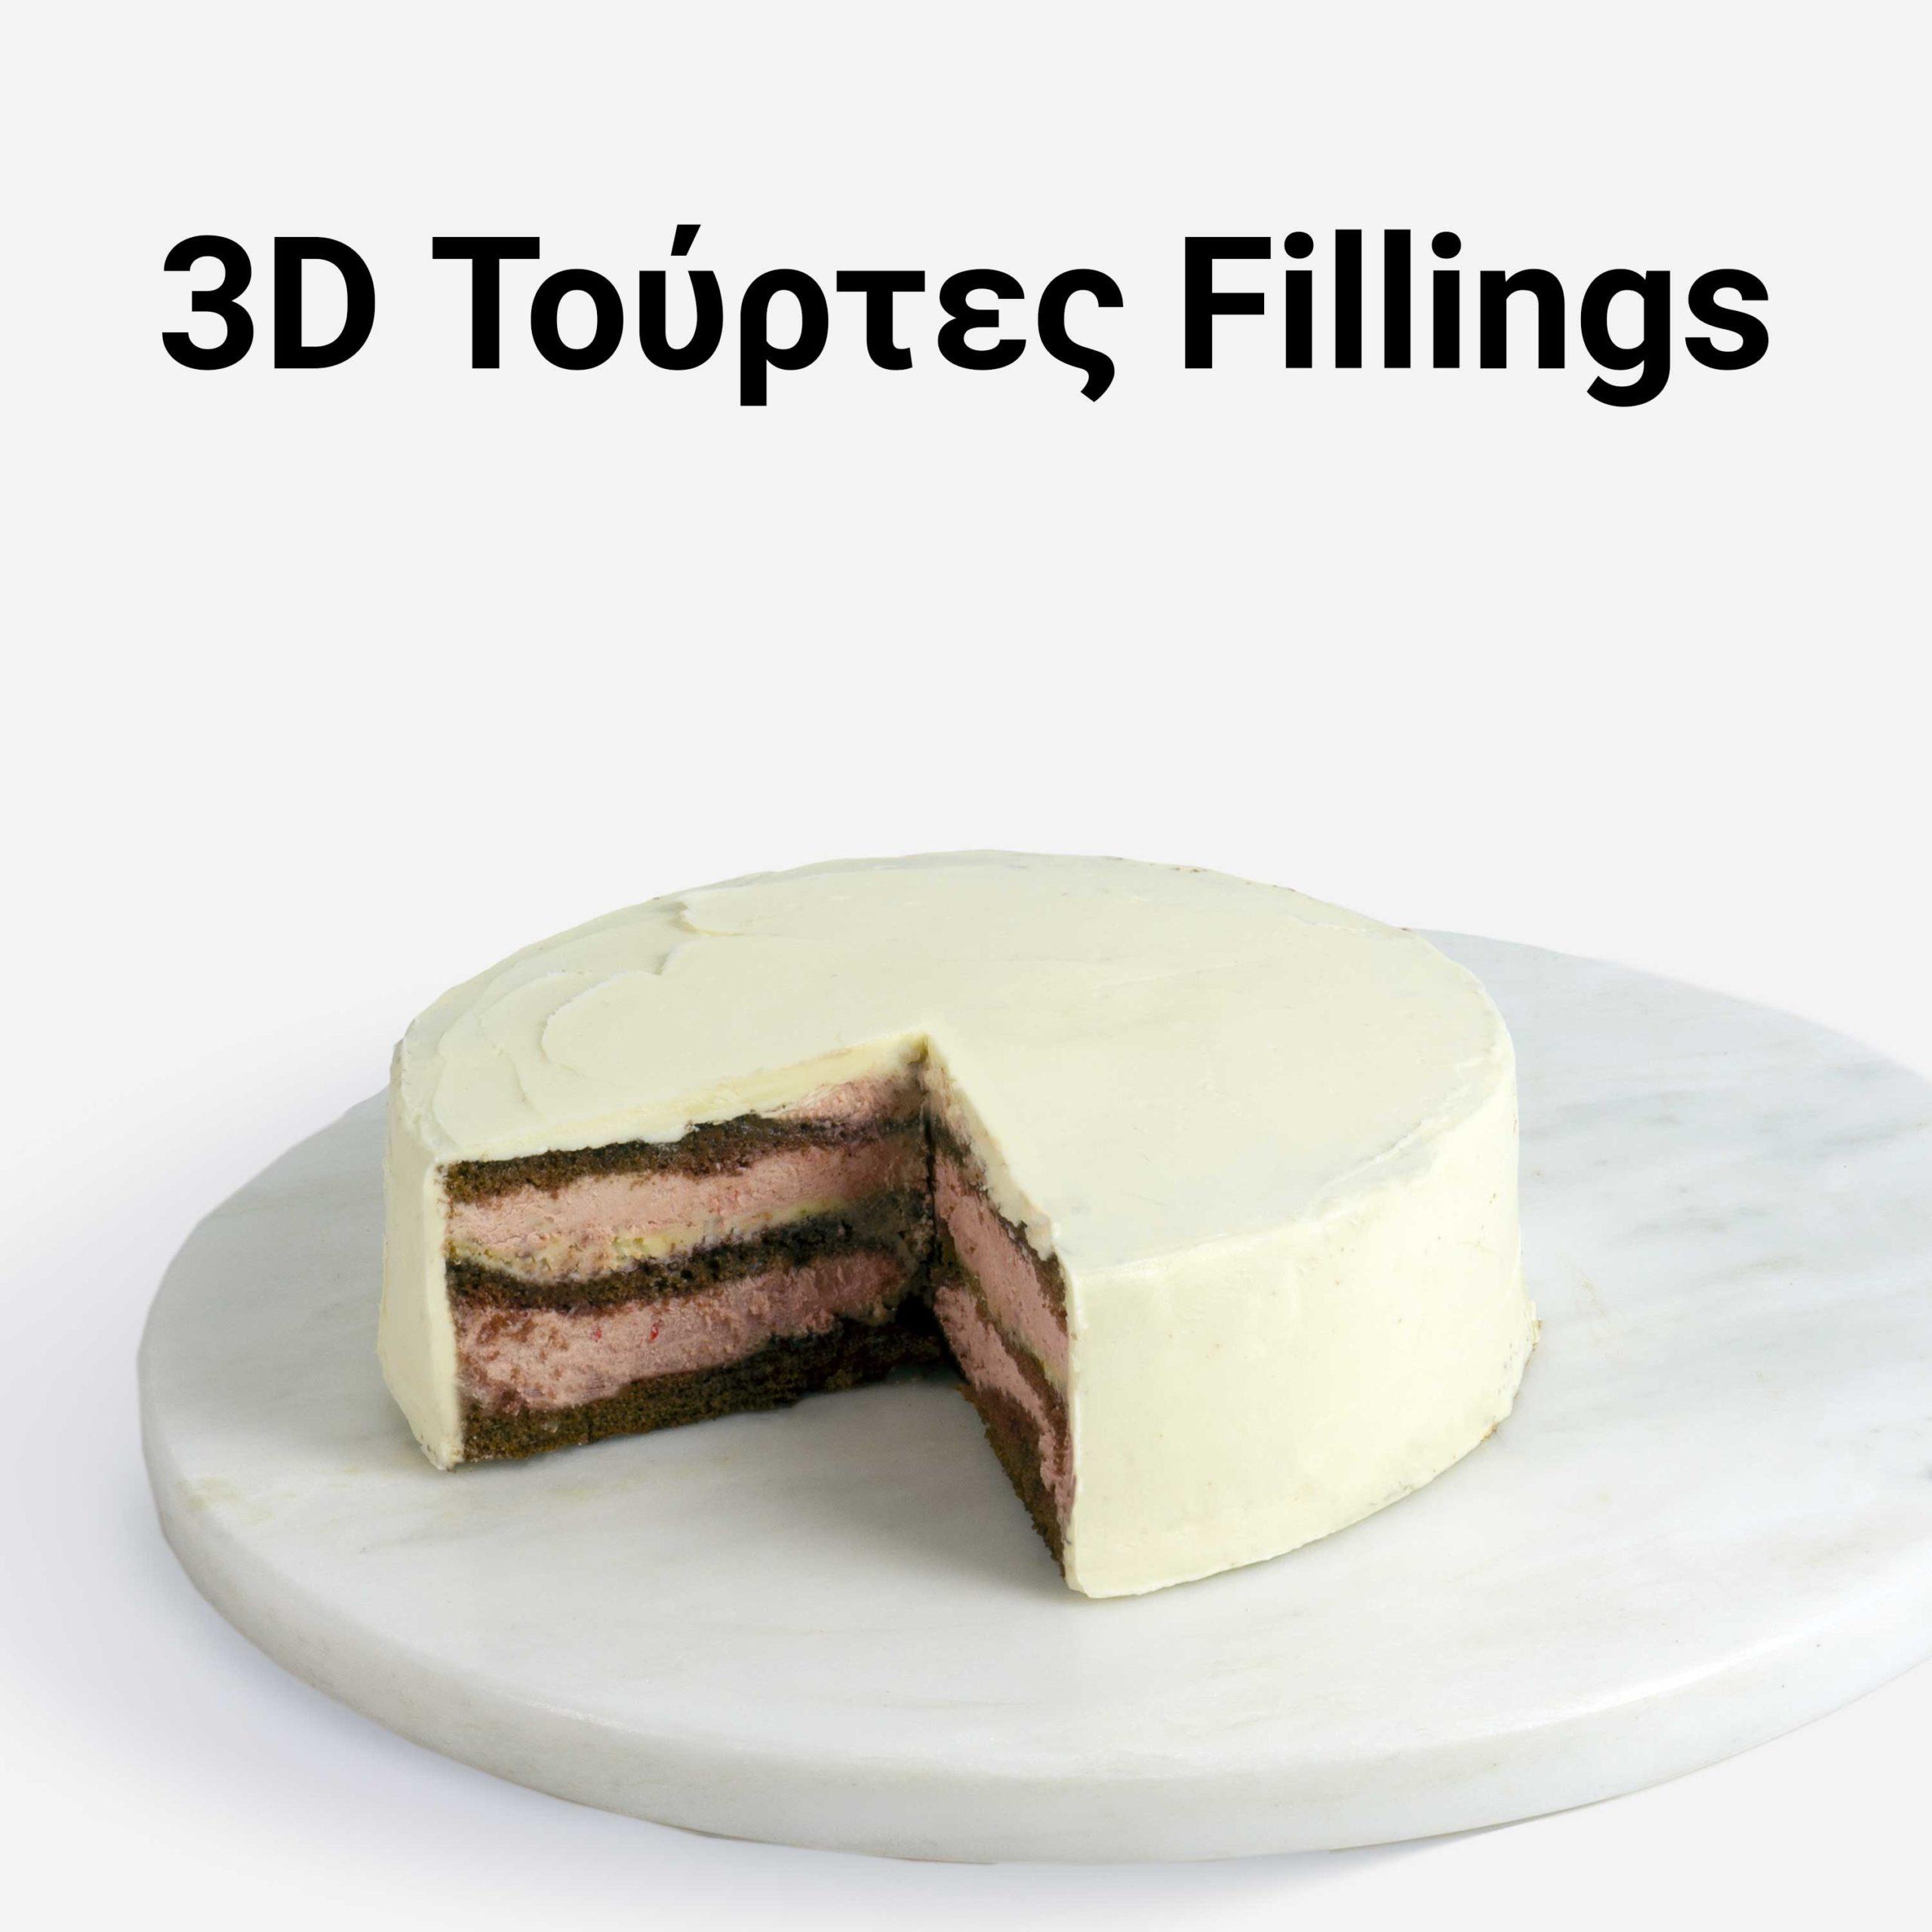 3D Τούρτες Fillings